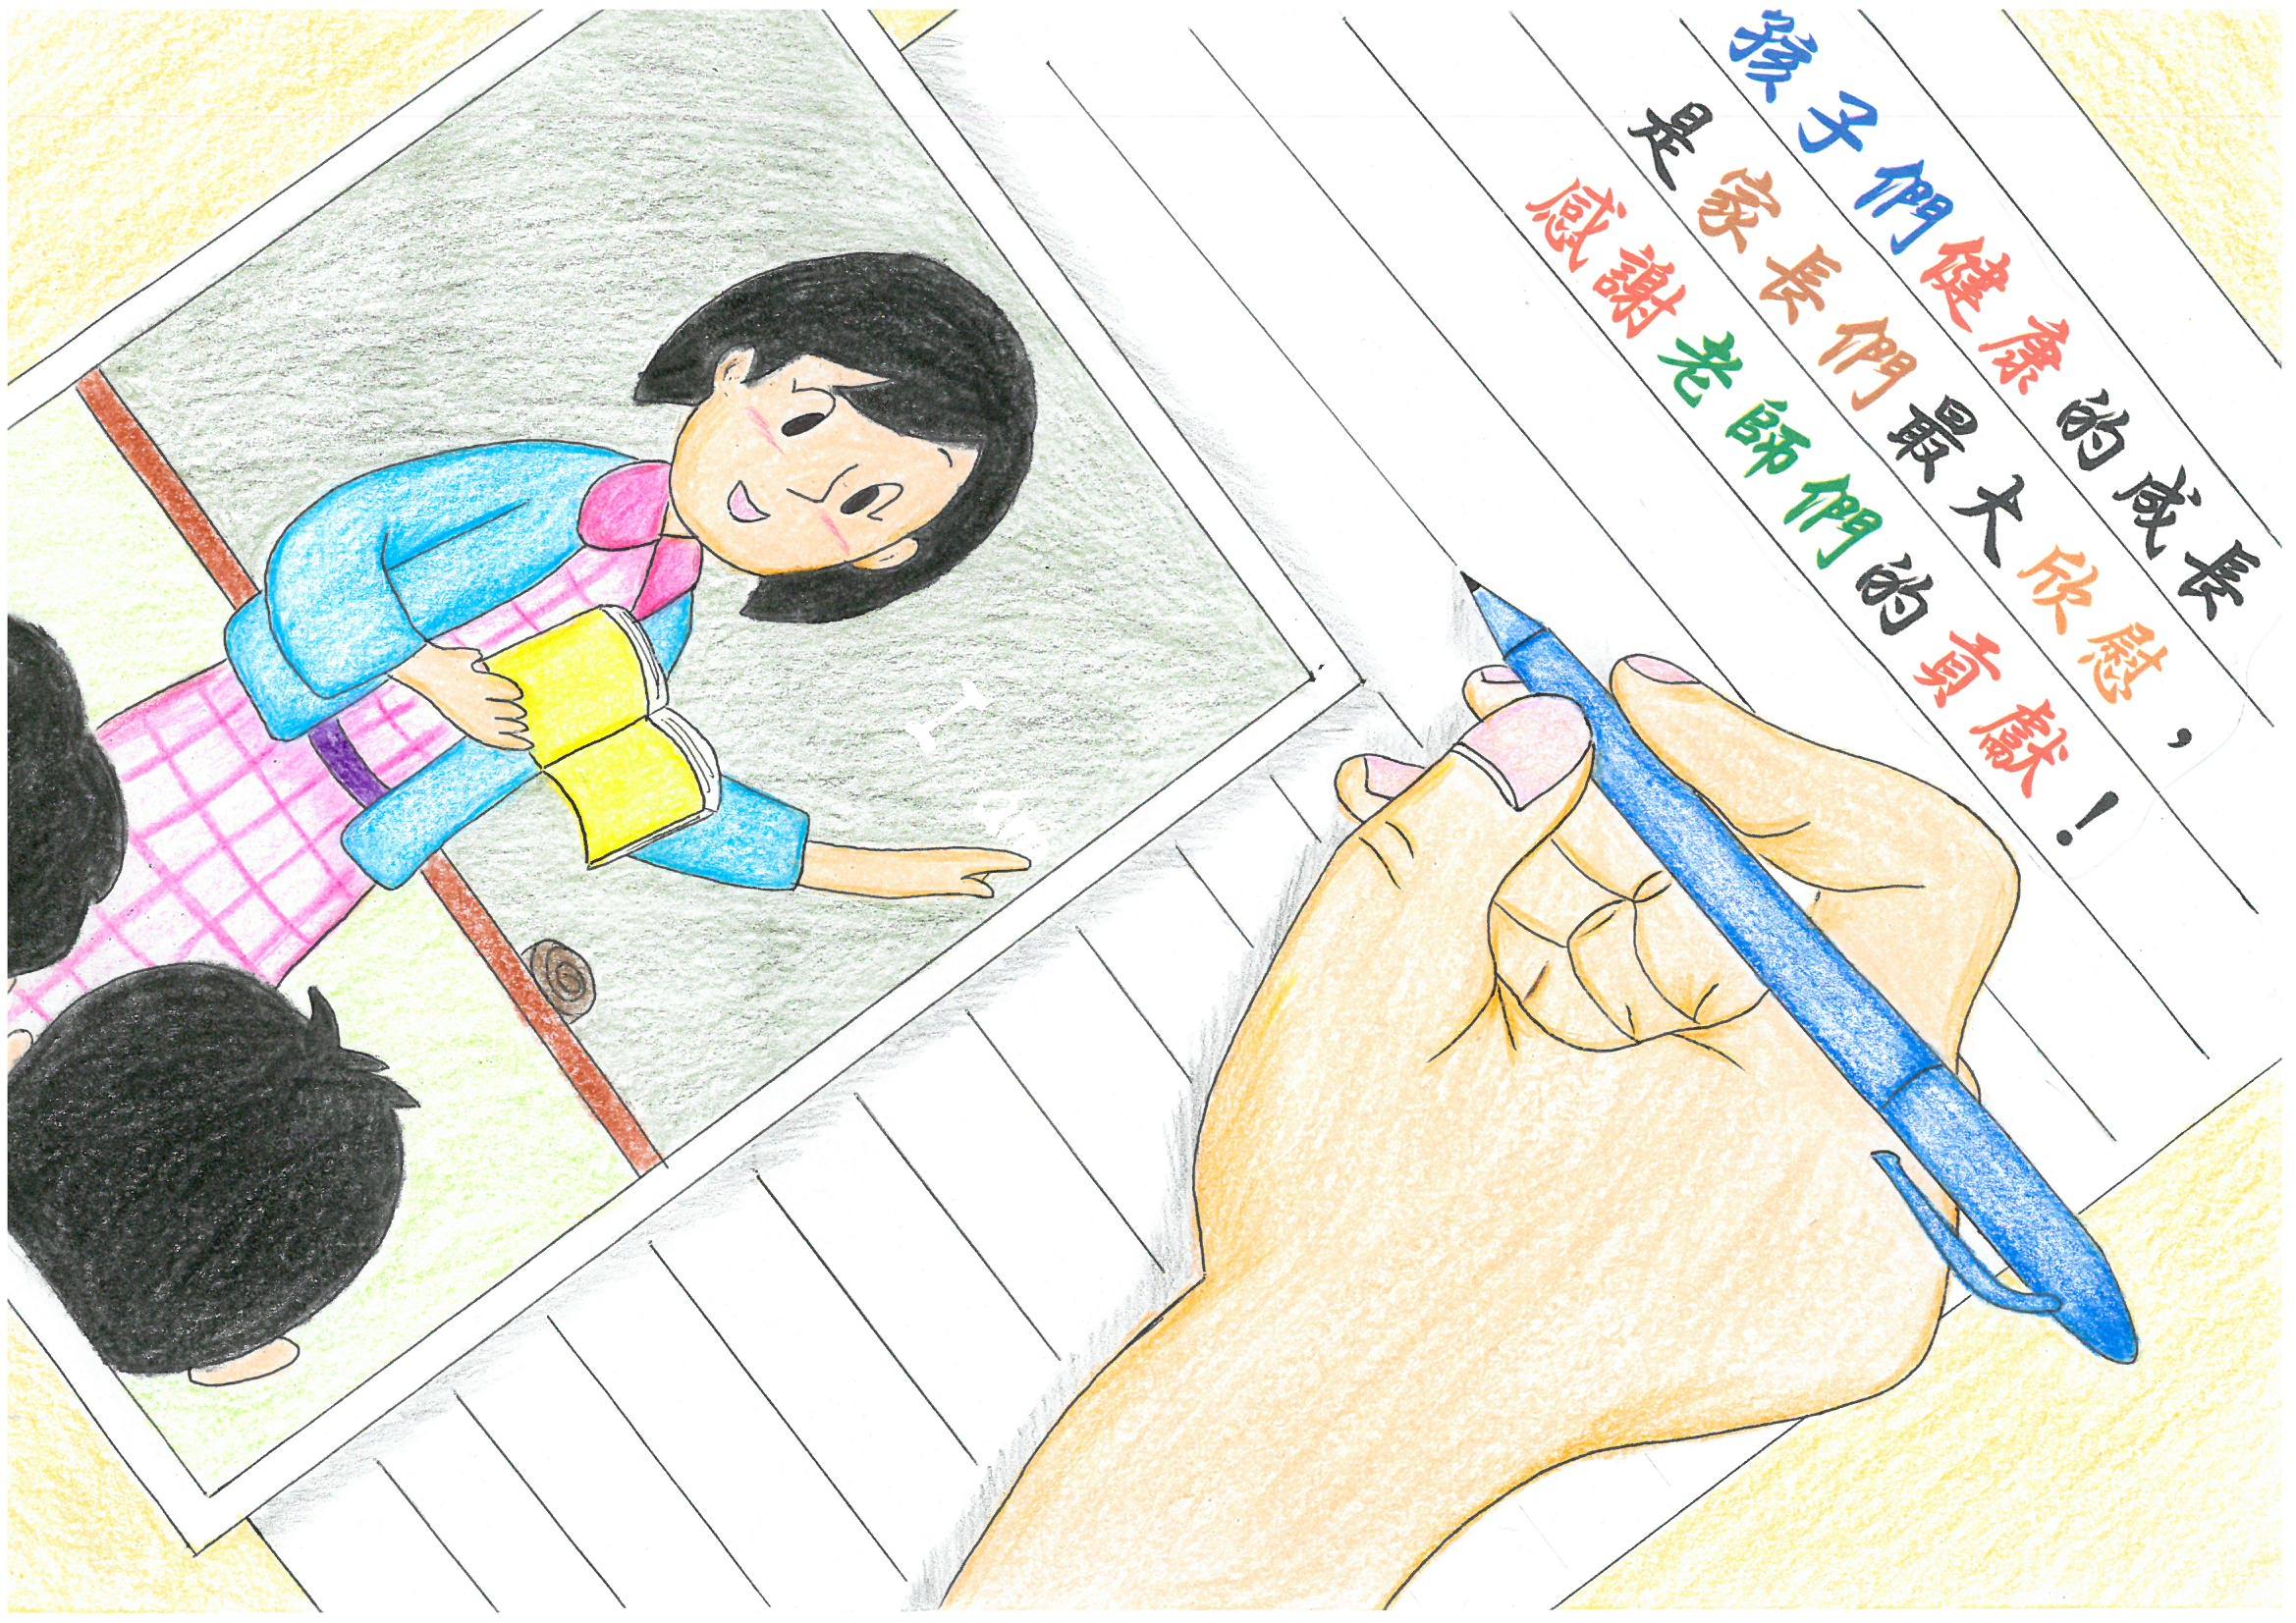 我最尊敬的老师00_送给我最尊敬的老师